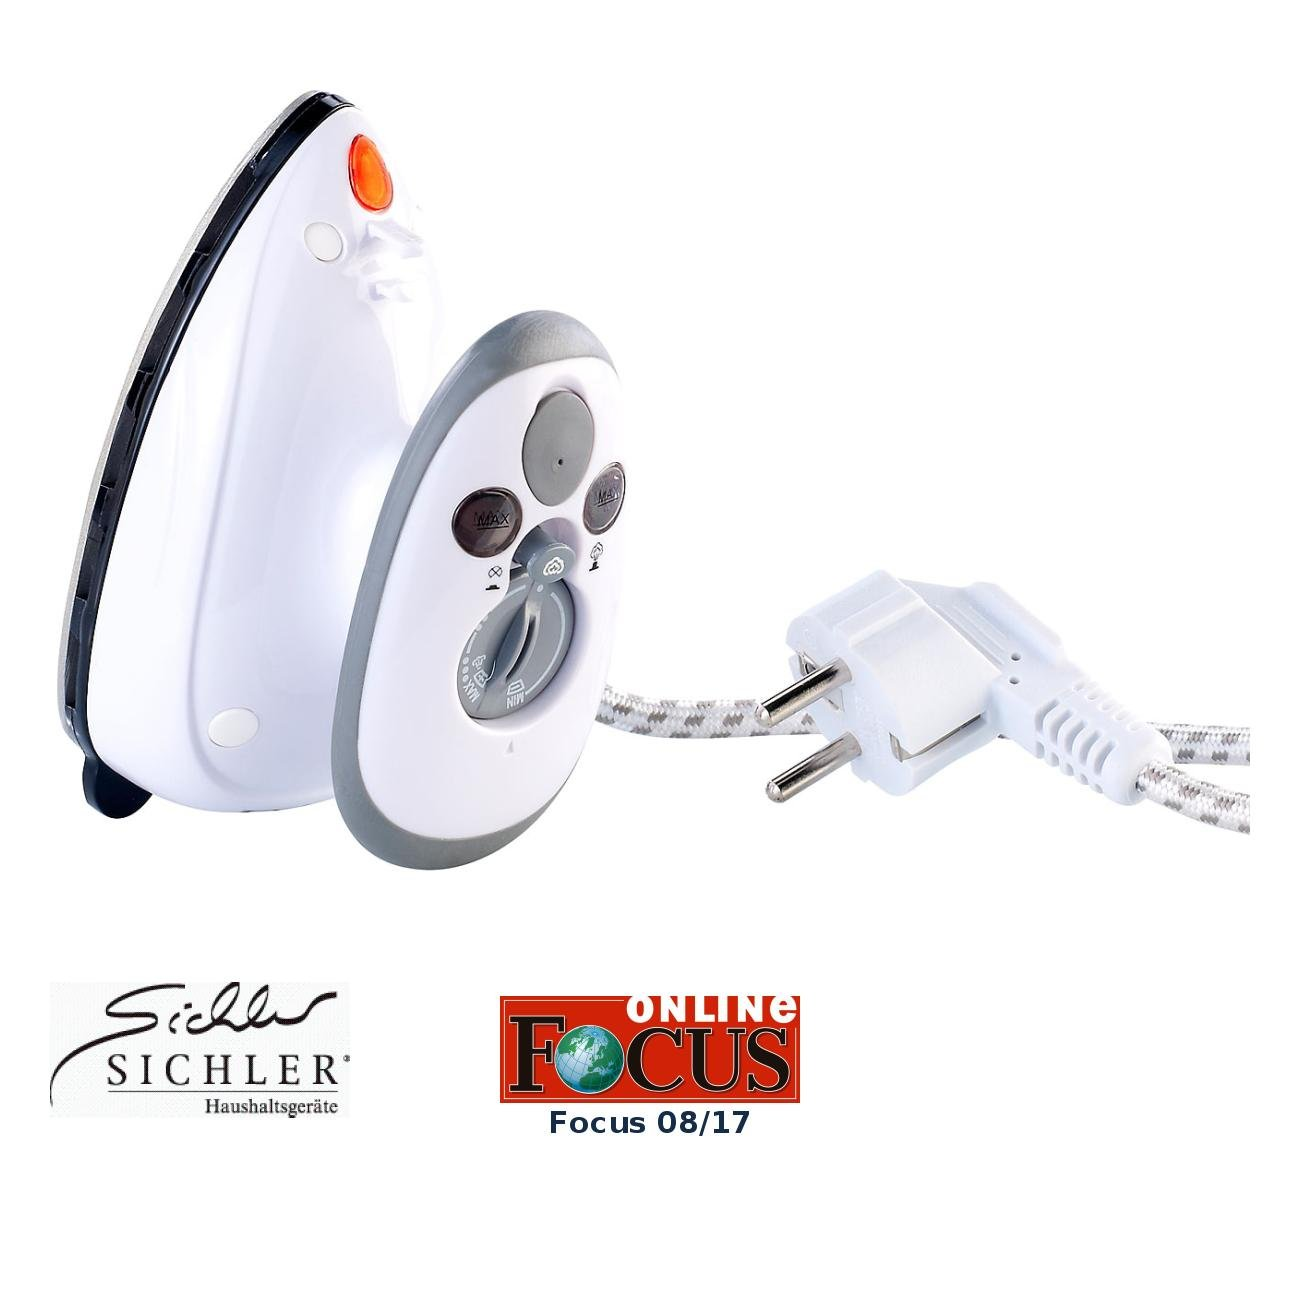 Sichler Haushaltsgeräte - Ferro da stiro da viaggio, 230/120 V NC5709-944